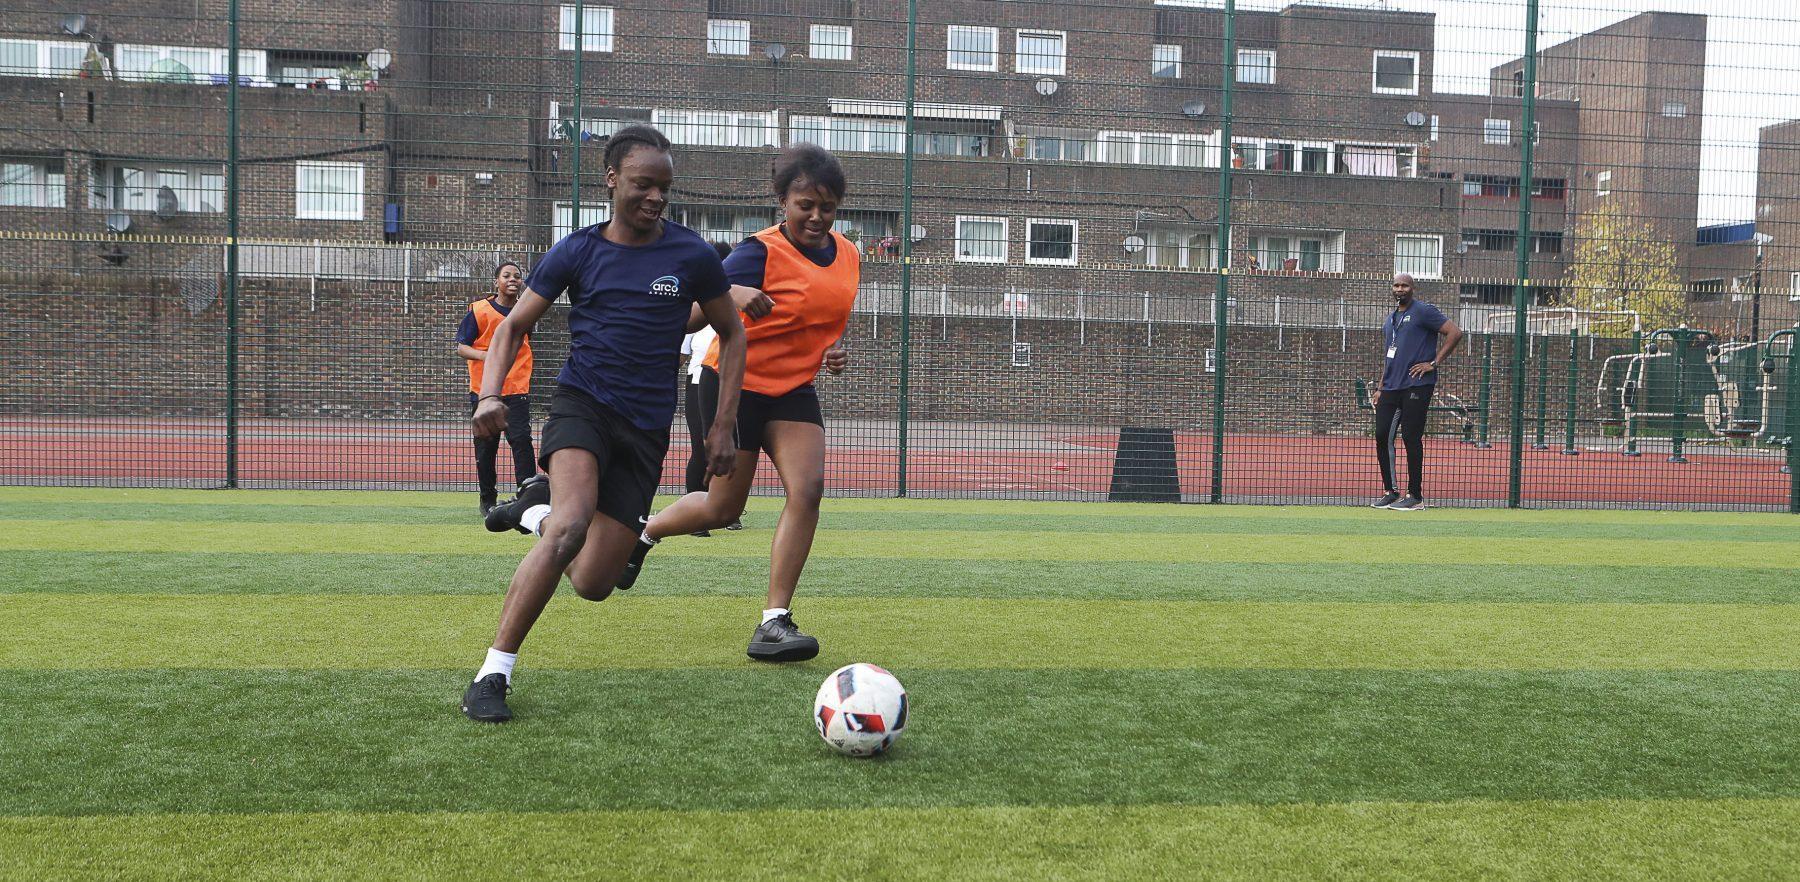 arco academy - football